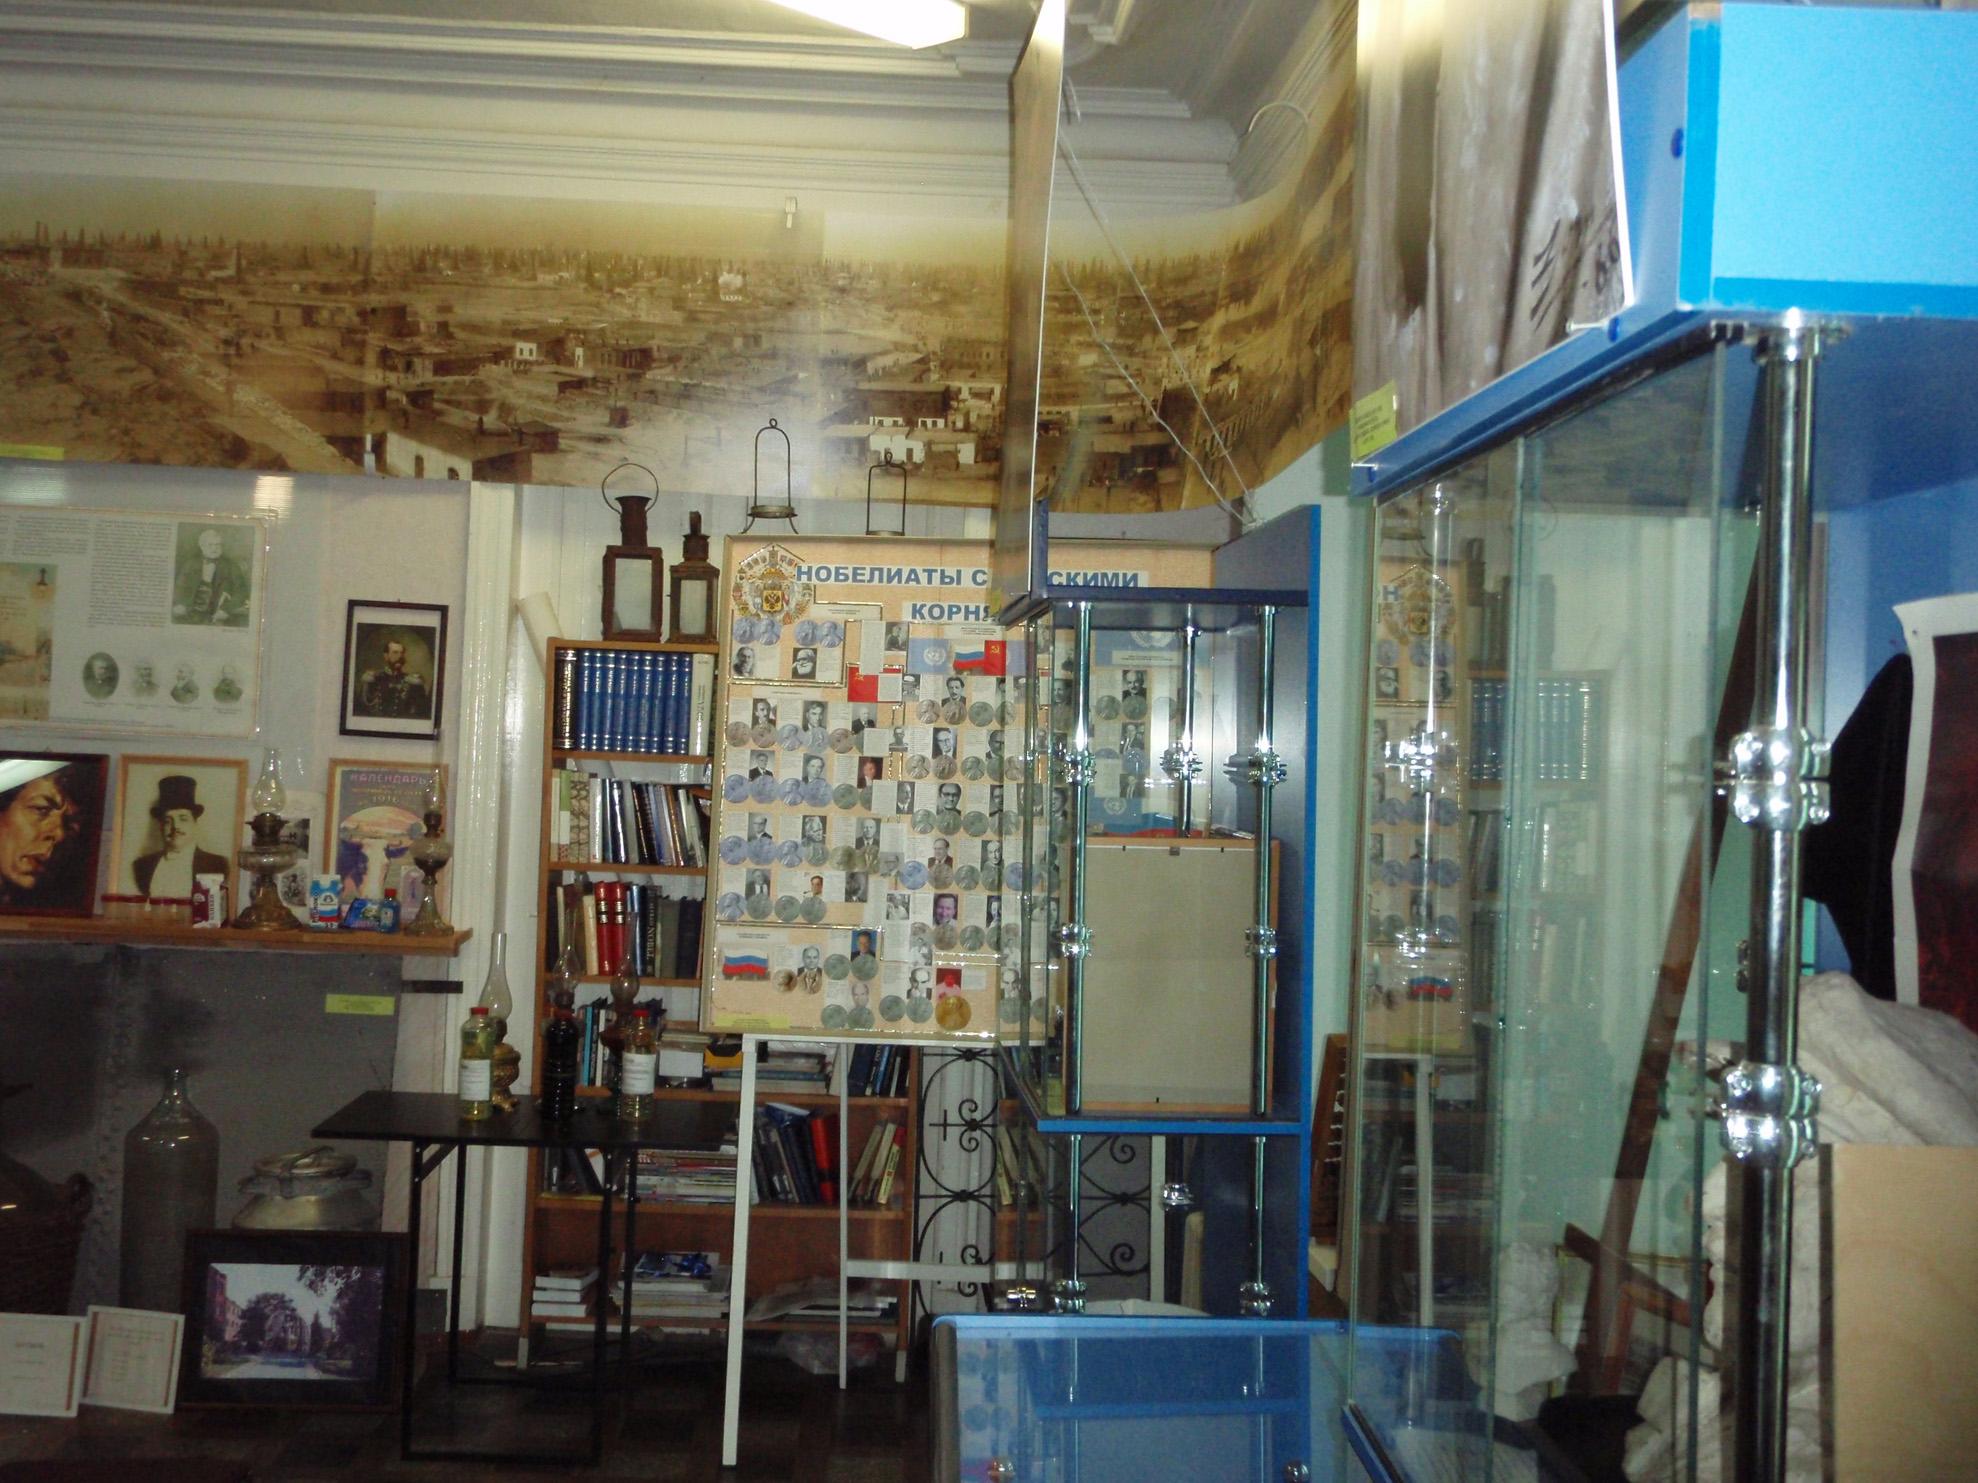 Зал Музея «Нобели и нобелевское движение»